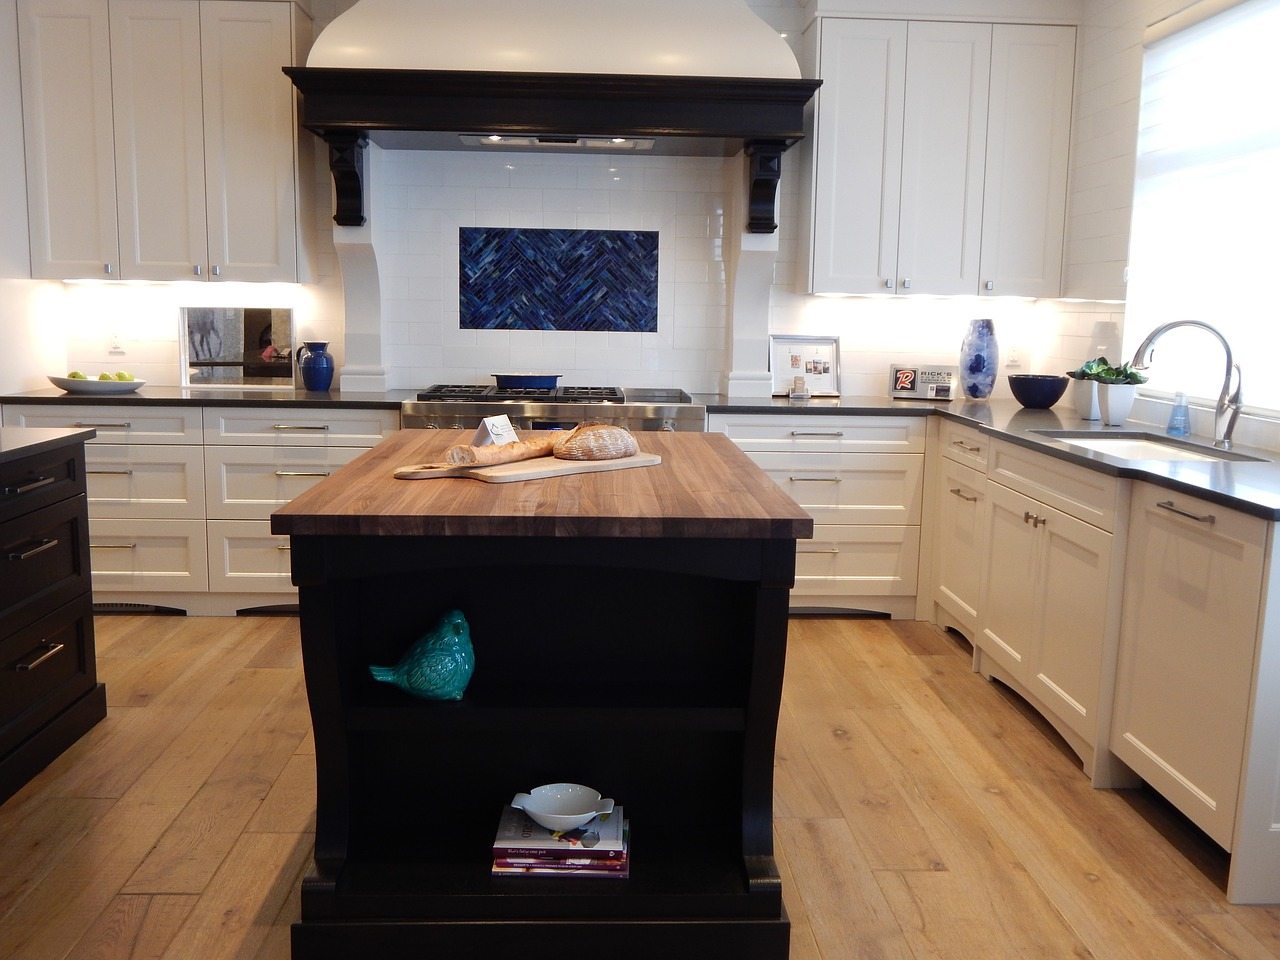 Kuchyňský ostrůvek – zbytečnost nebo nepostradatelné vybavení moderních kuchyní?